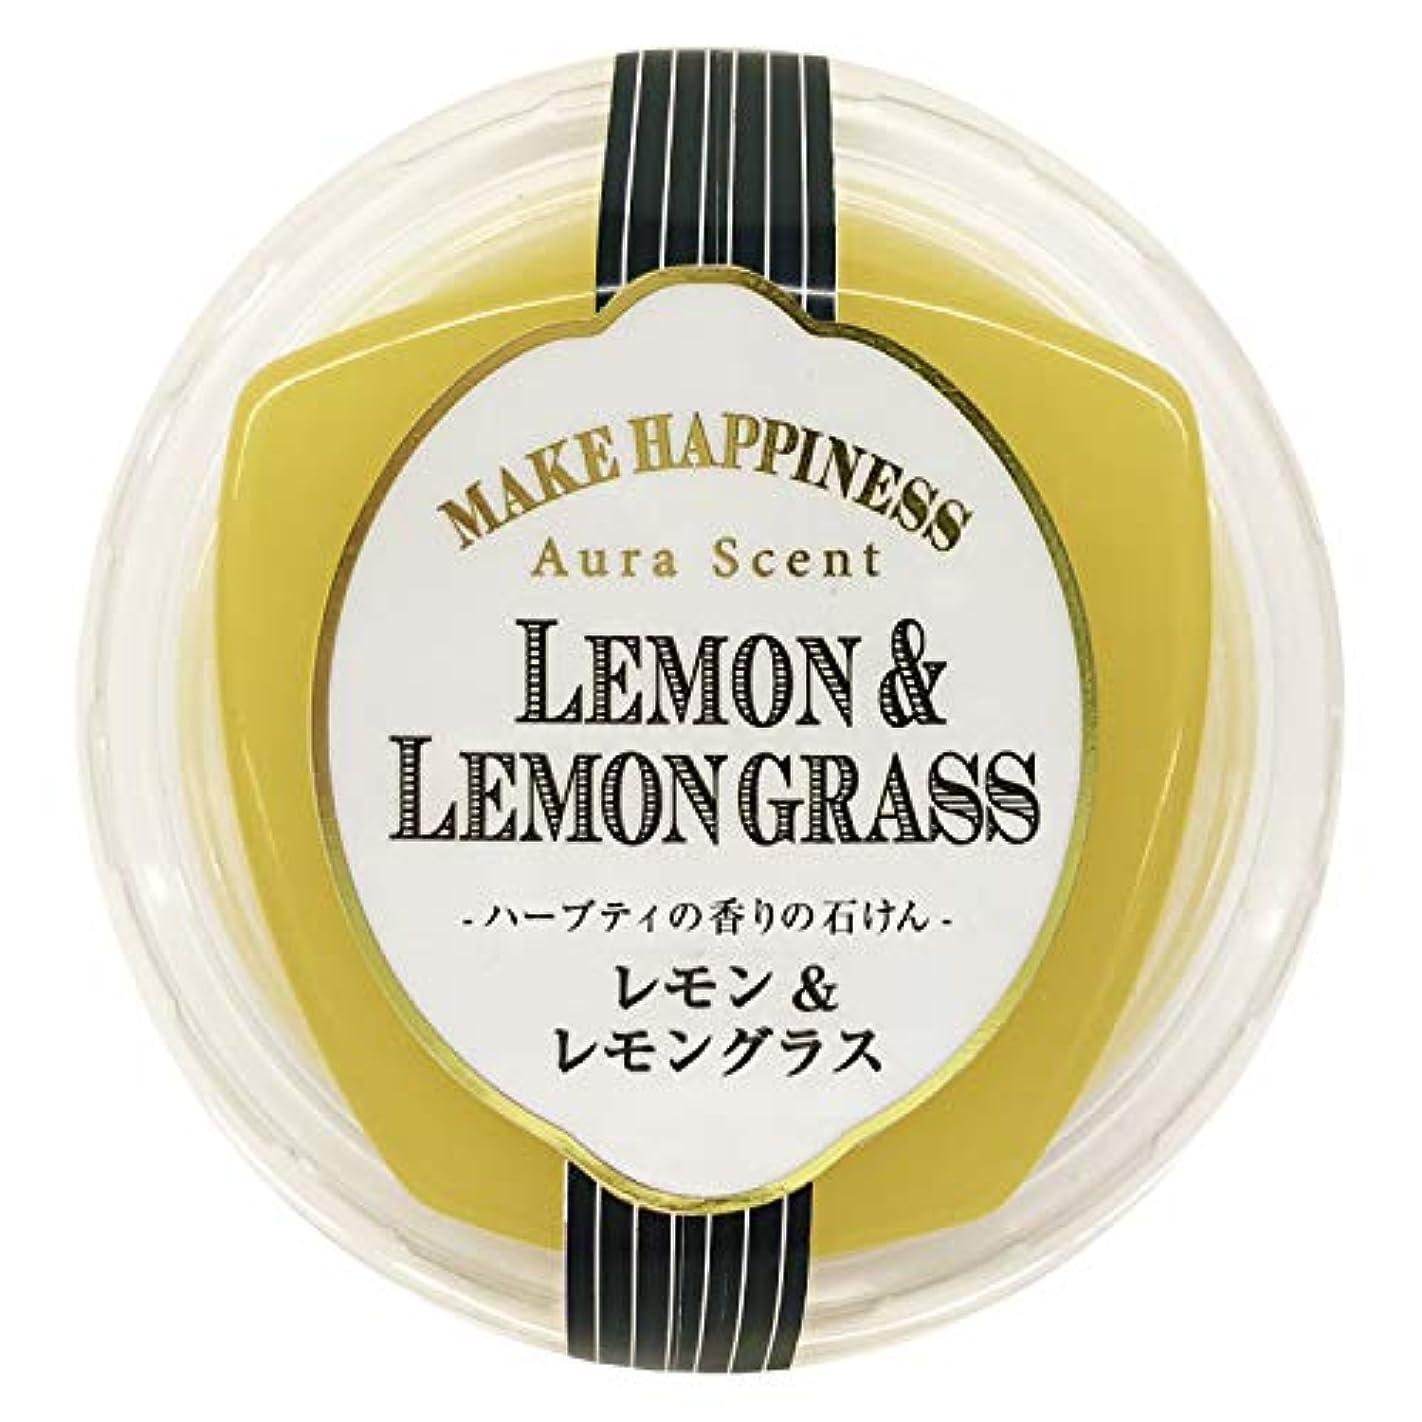 パニックシード完璧なペリカン石鹸 オーラセント クリアソープレモン&レモングラス 75g